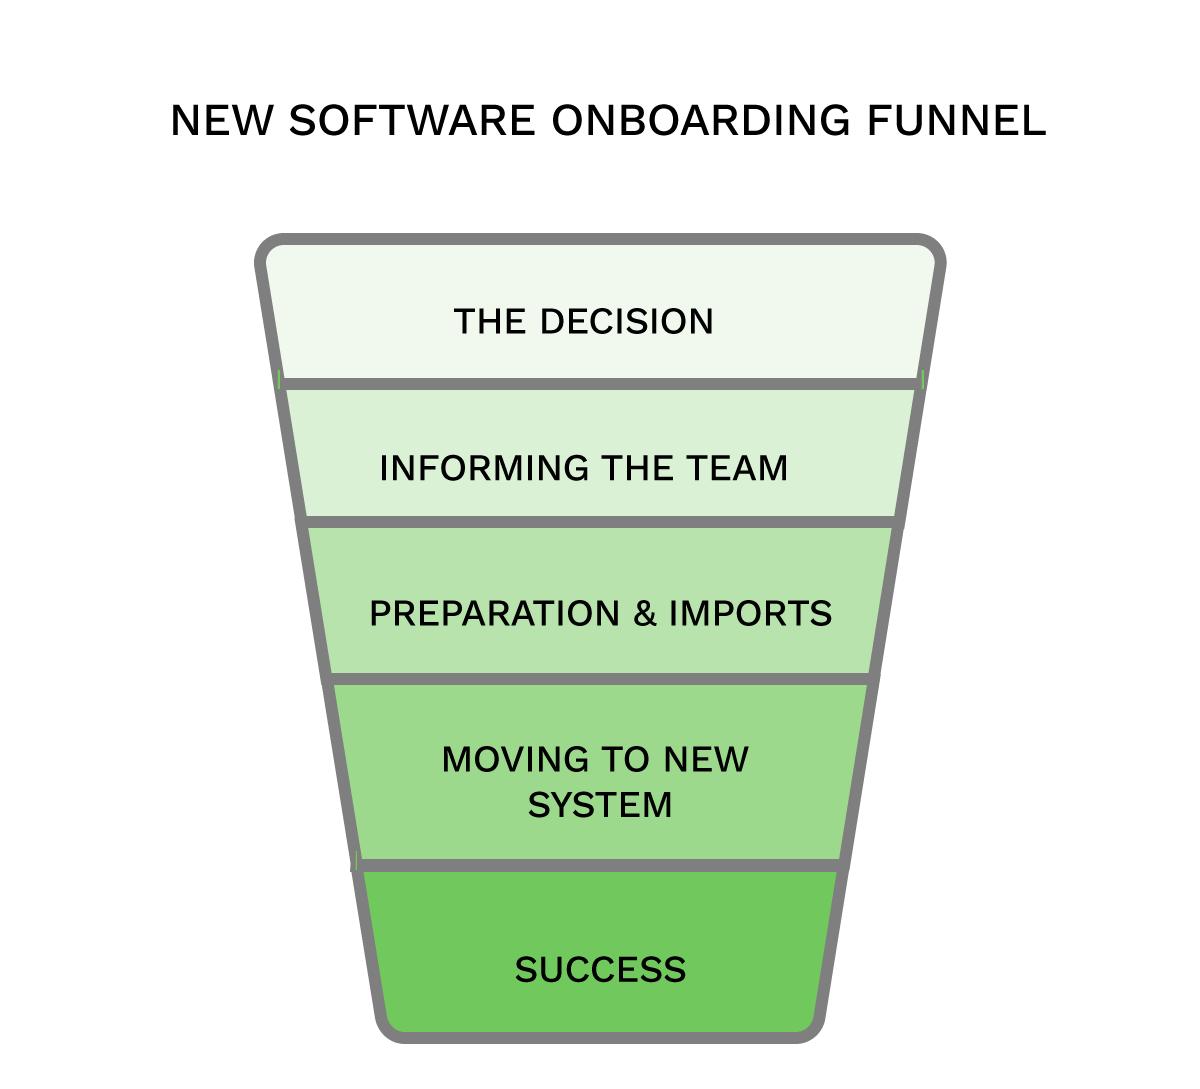 Scoros onboarding funnel graph